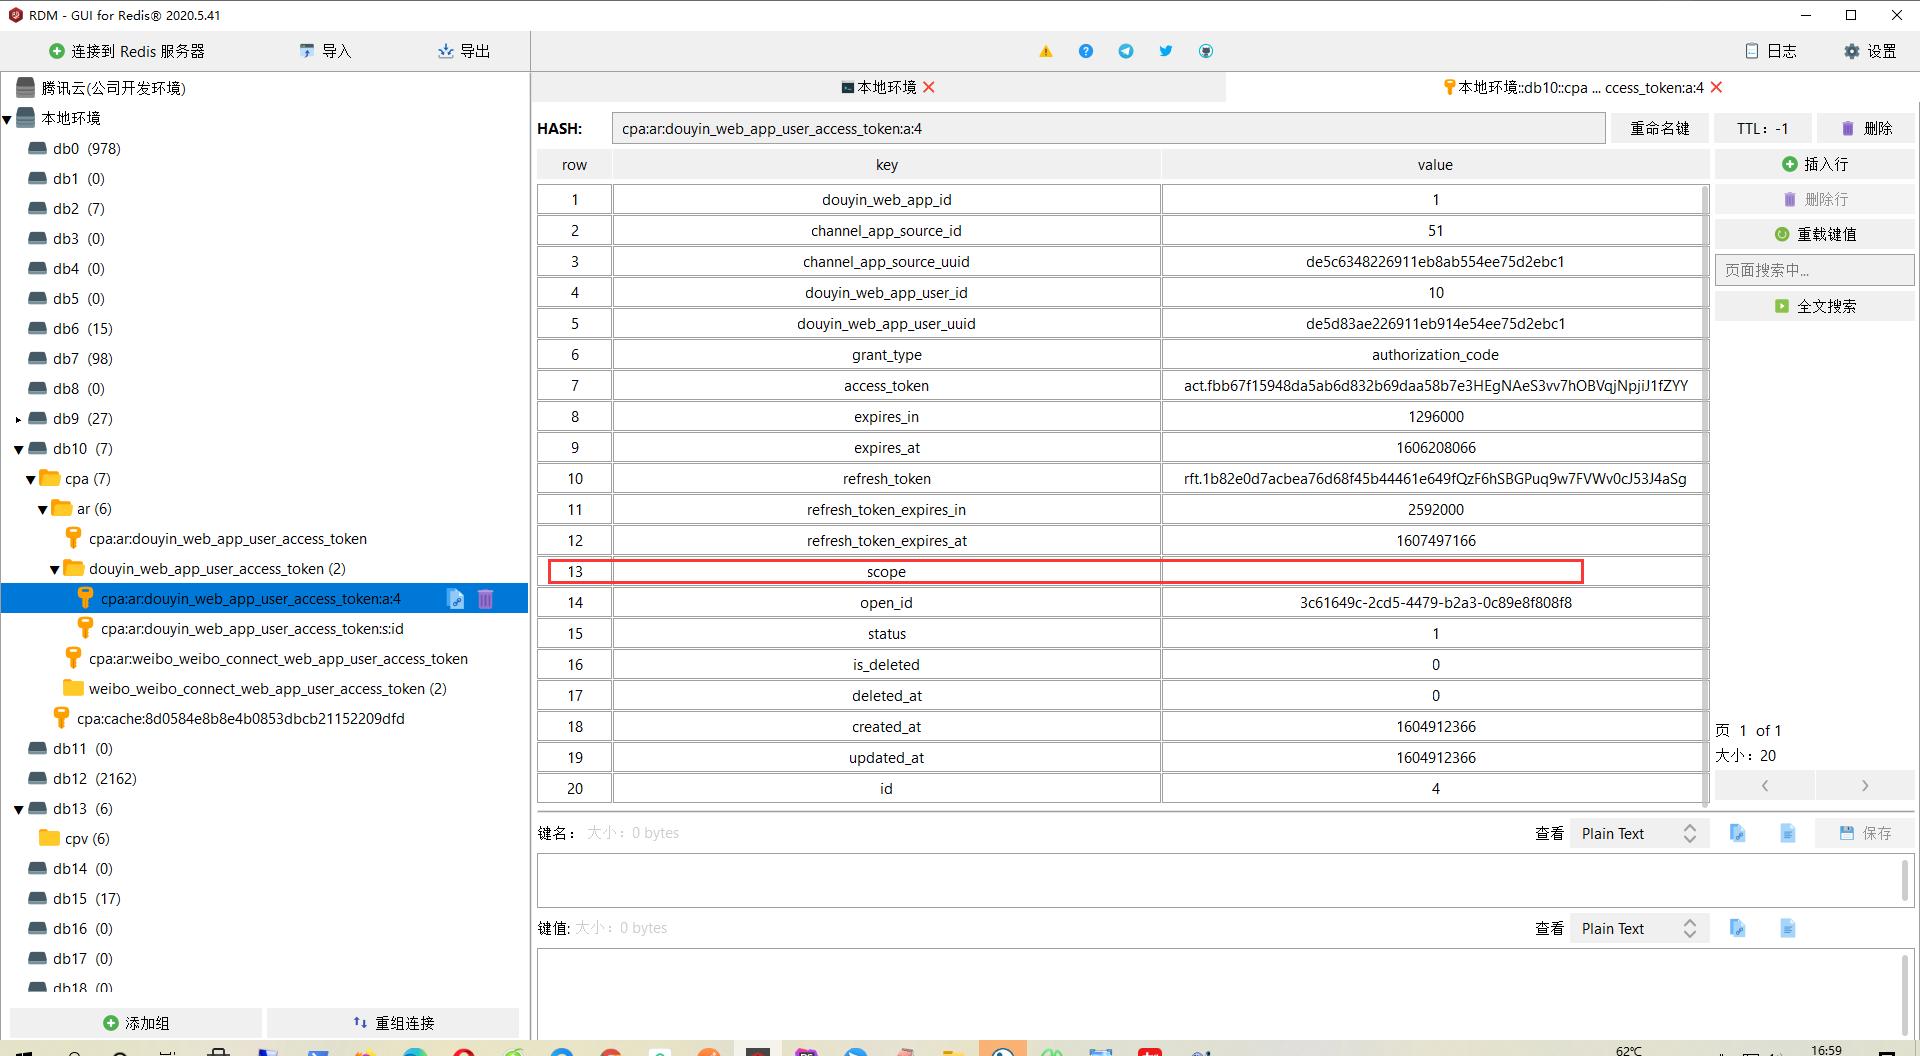 # 配置域字段最大个数限制,hash-max-zipmap-entries 512。# 配置字段值最大字节限制,hash-max-zipmap-value 64。当满足以上两个条件时,哈希表 key 会被压缩,否则将按照正常的哈希结构来存储。由于字段:scope 的值:fans.data,fans.list,following.list,im,user_info,video.comment,video.create,video.data,video.delete,video.list 已经超出最大字节限制。决定修改字段:scope 的值为空字符串。基于 row 查看结构,与模型字段顺序一致。